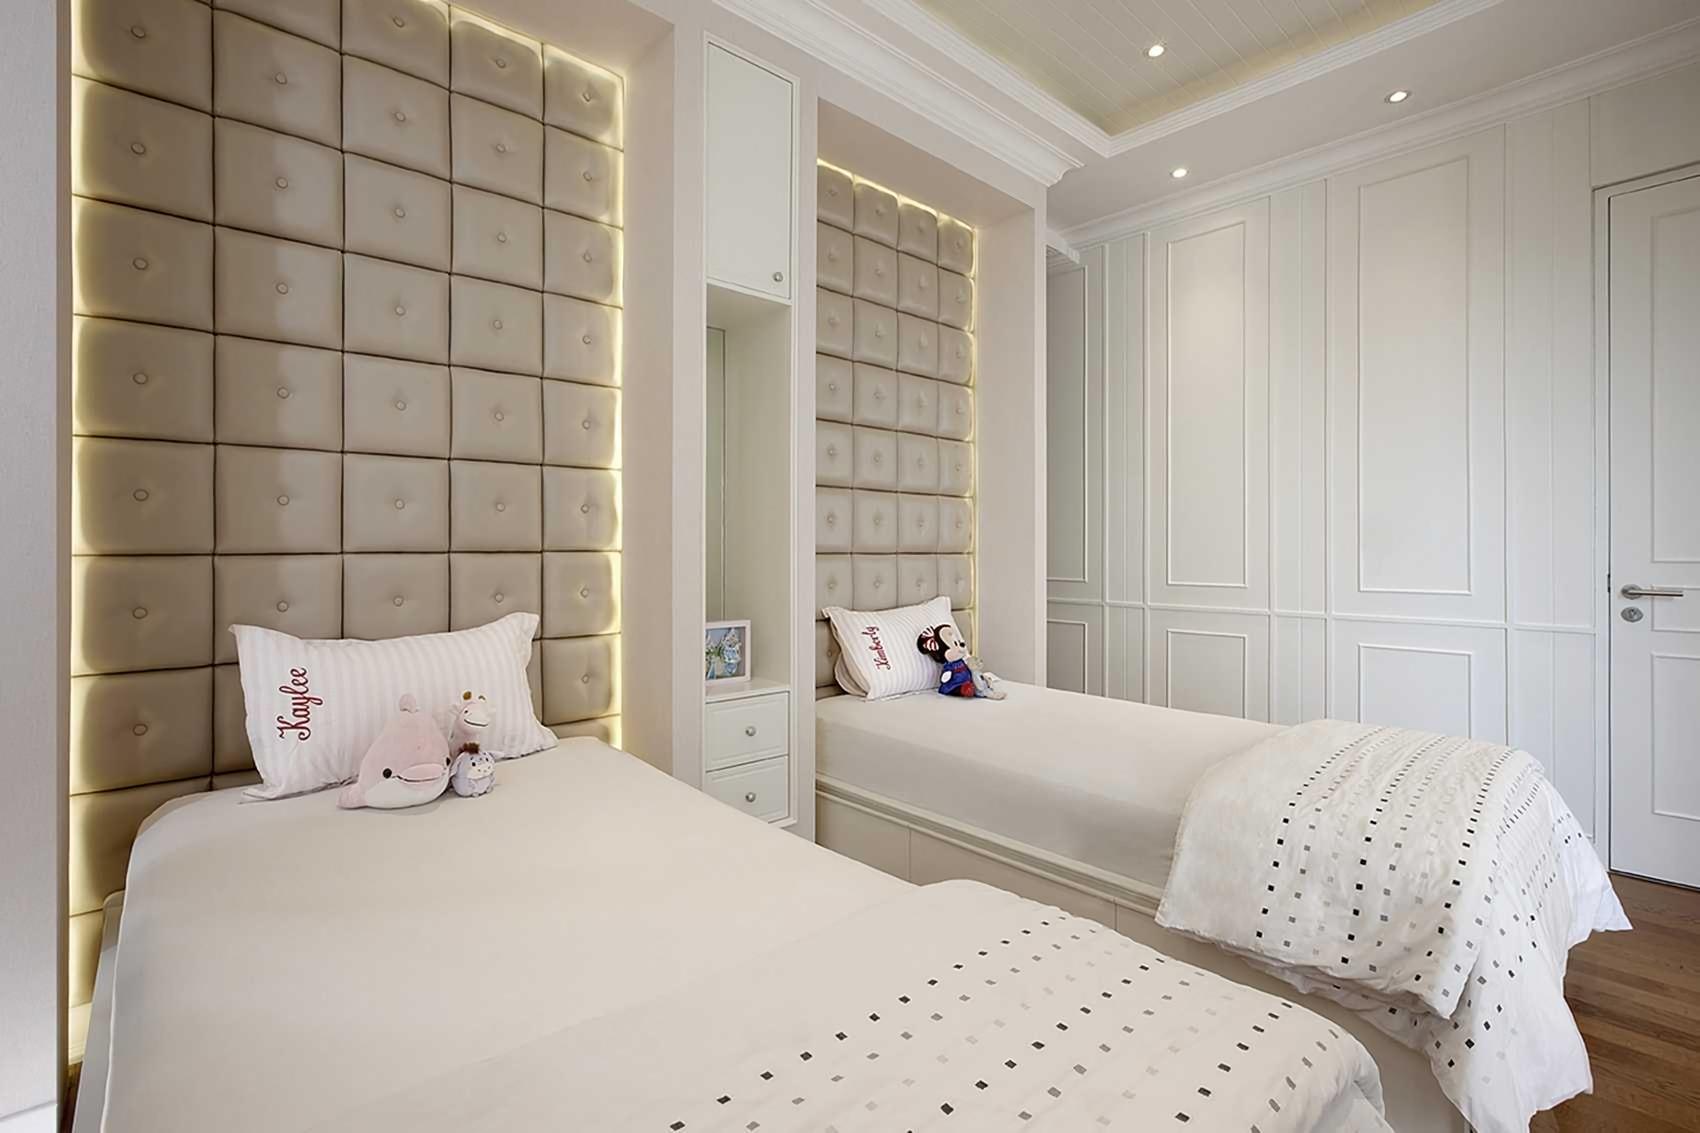 Kamar tidur anak senopati-suites-apartment-1karya Highstreetstudio (Sumber: arsitag.com)